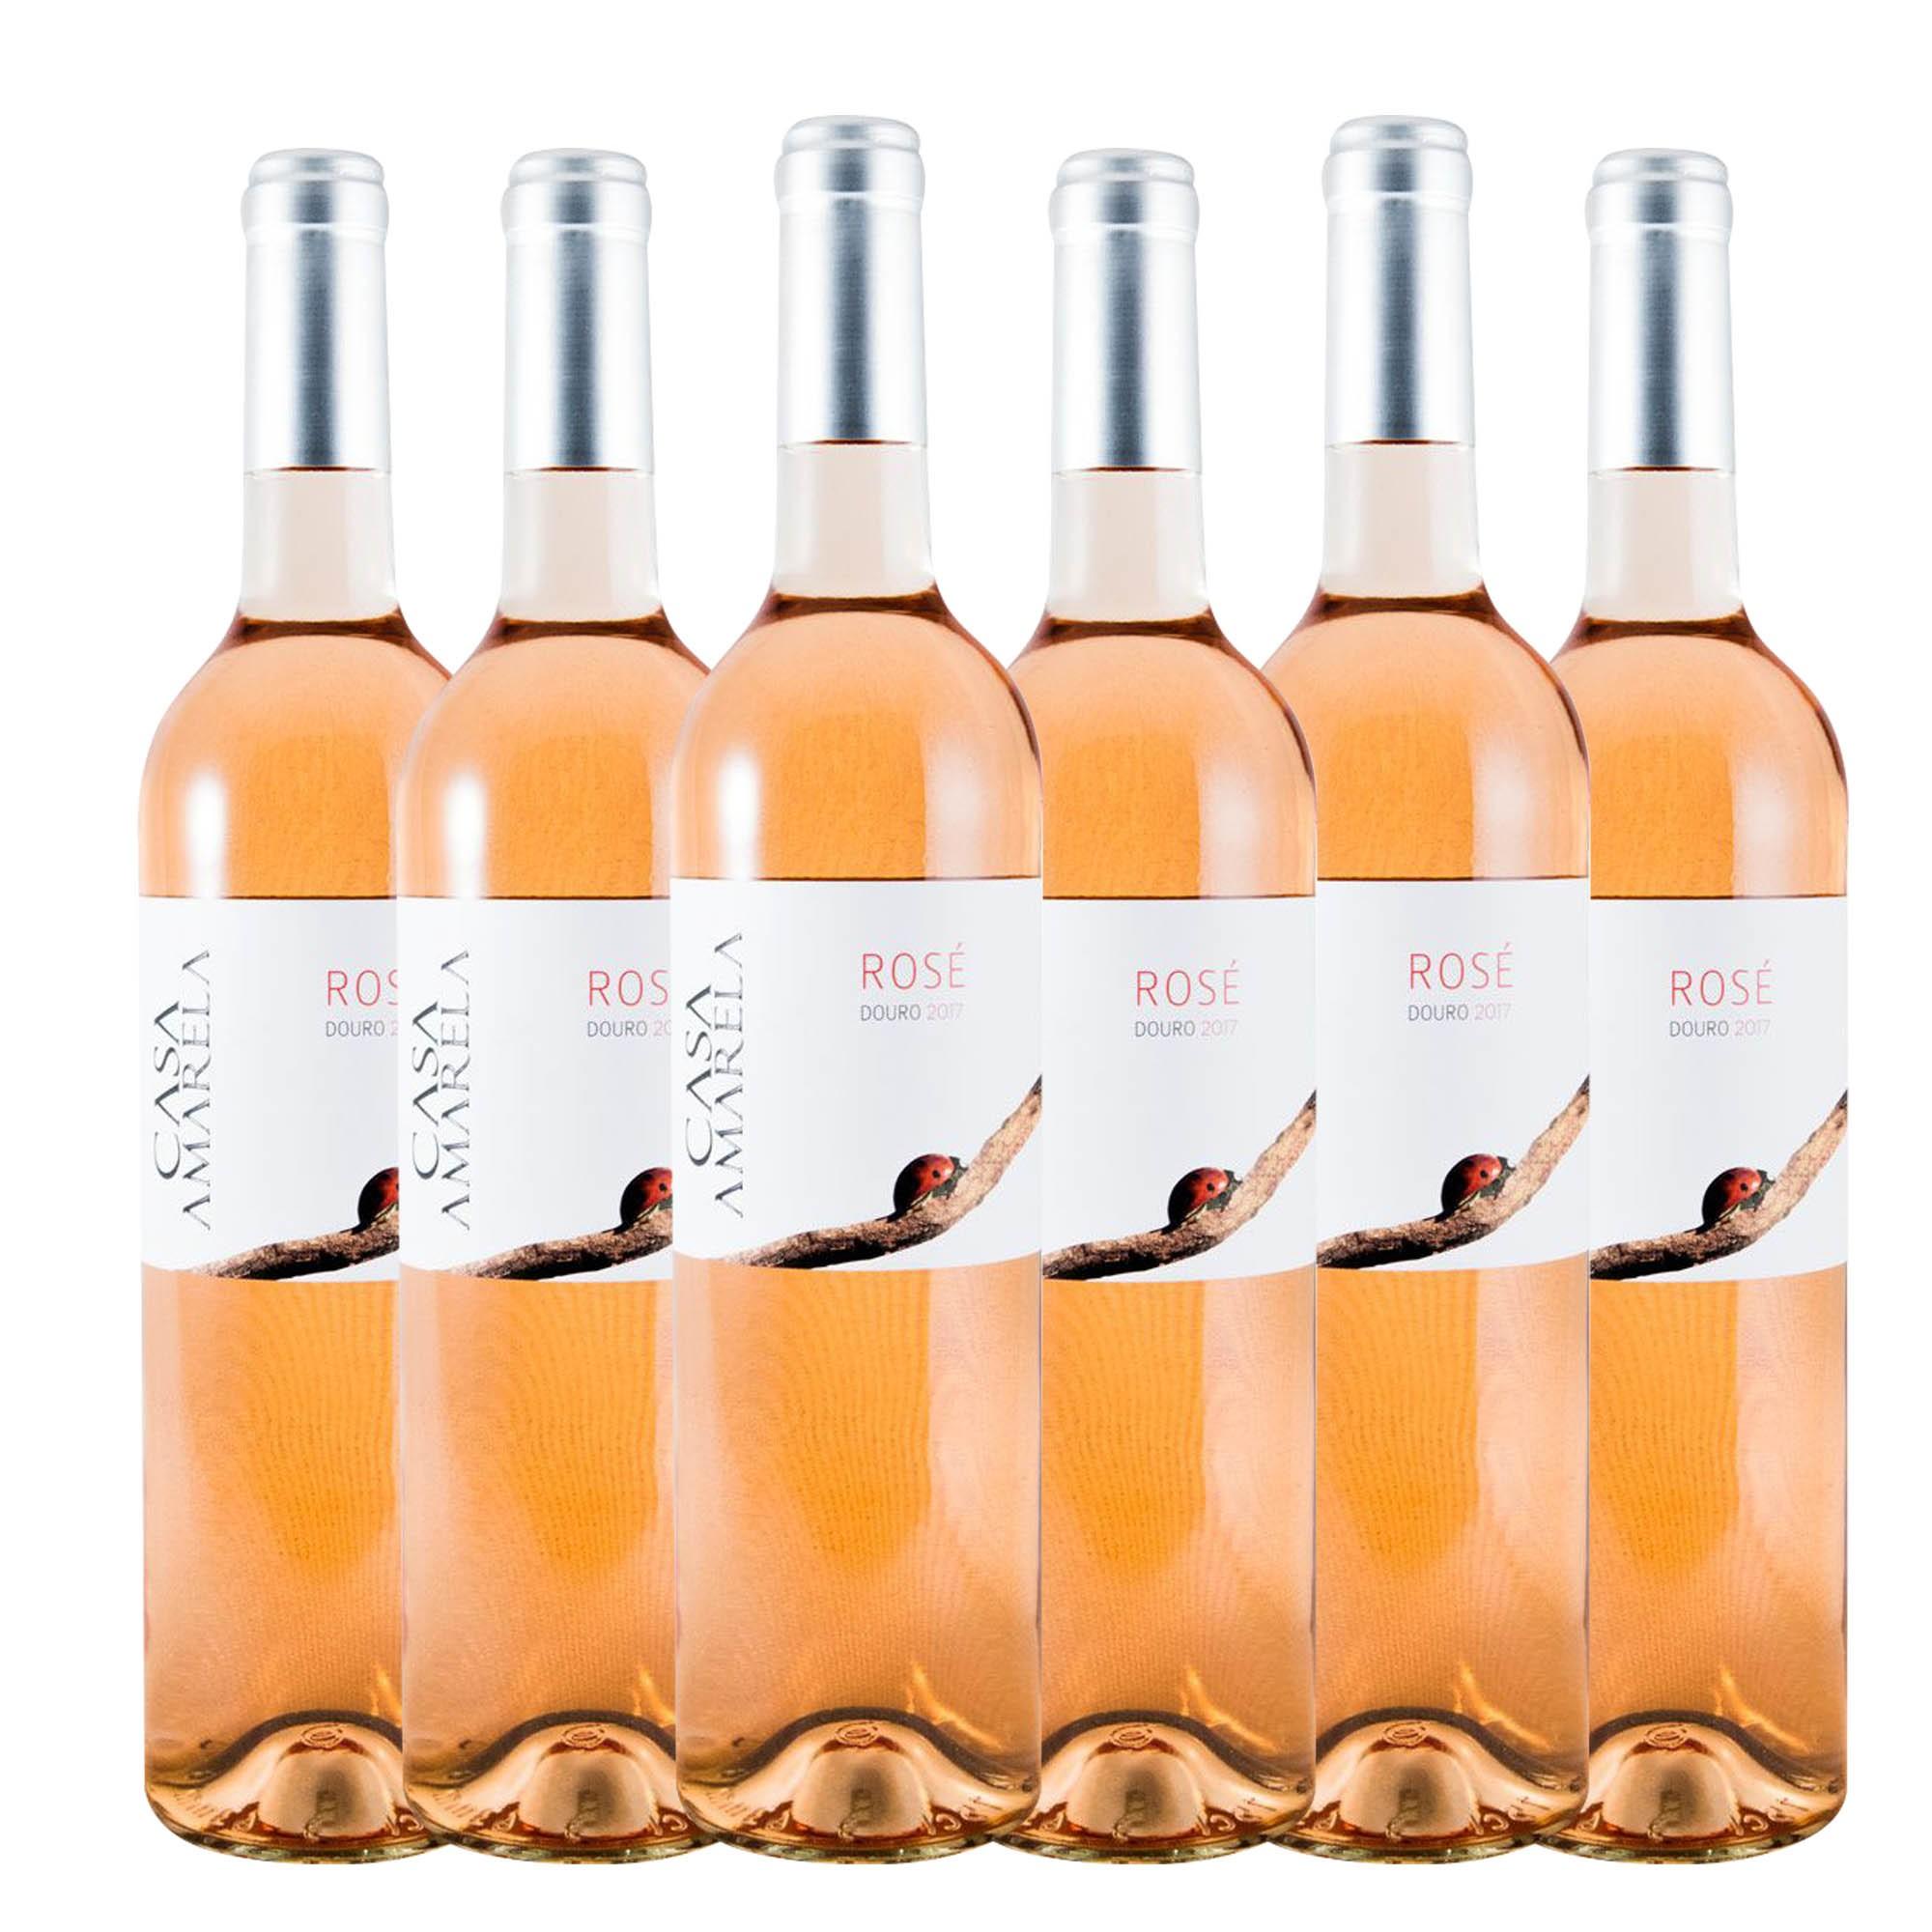 Vinho Casa Amarela Douro Rose 6 Garrafas